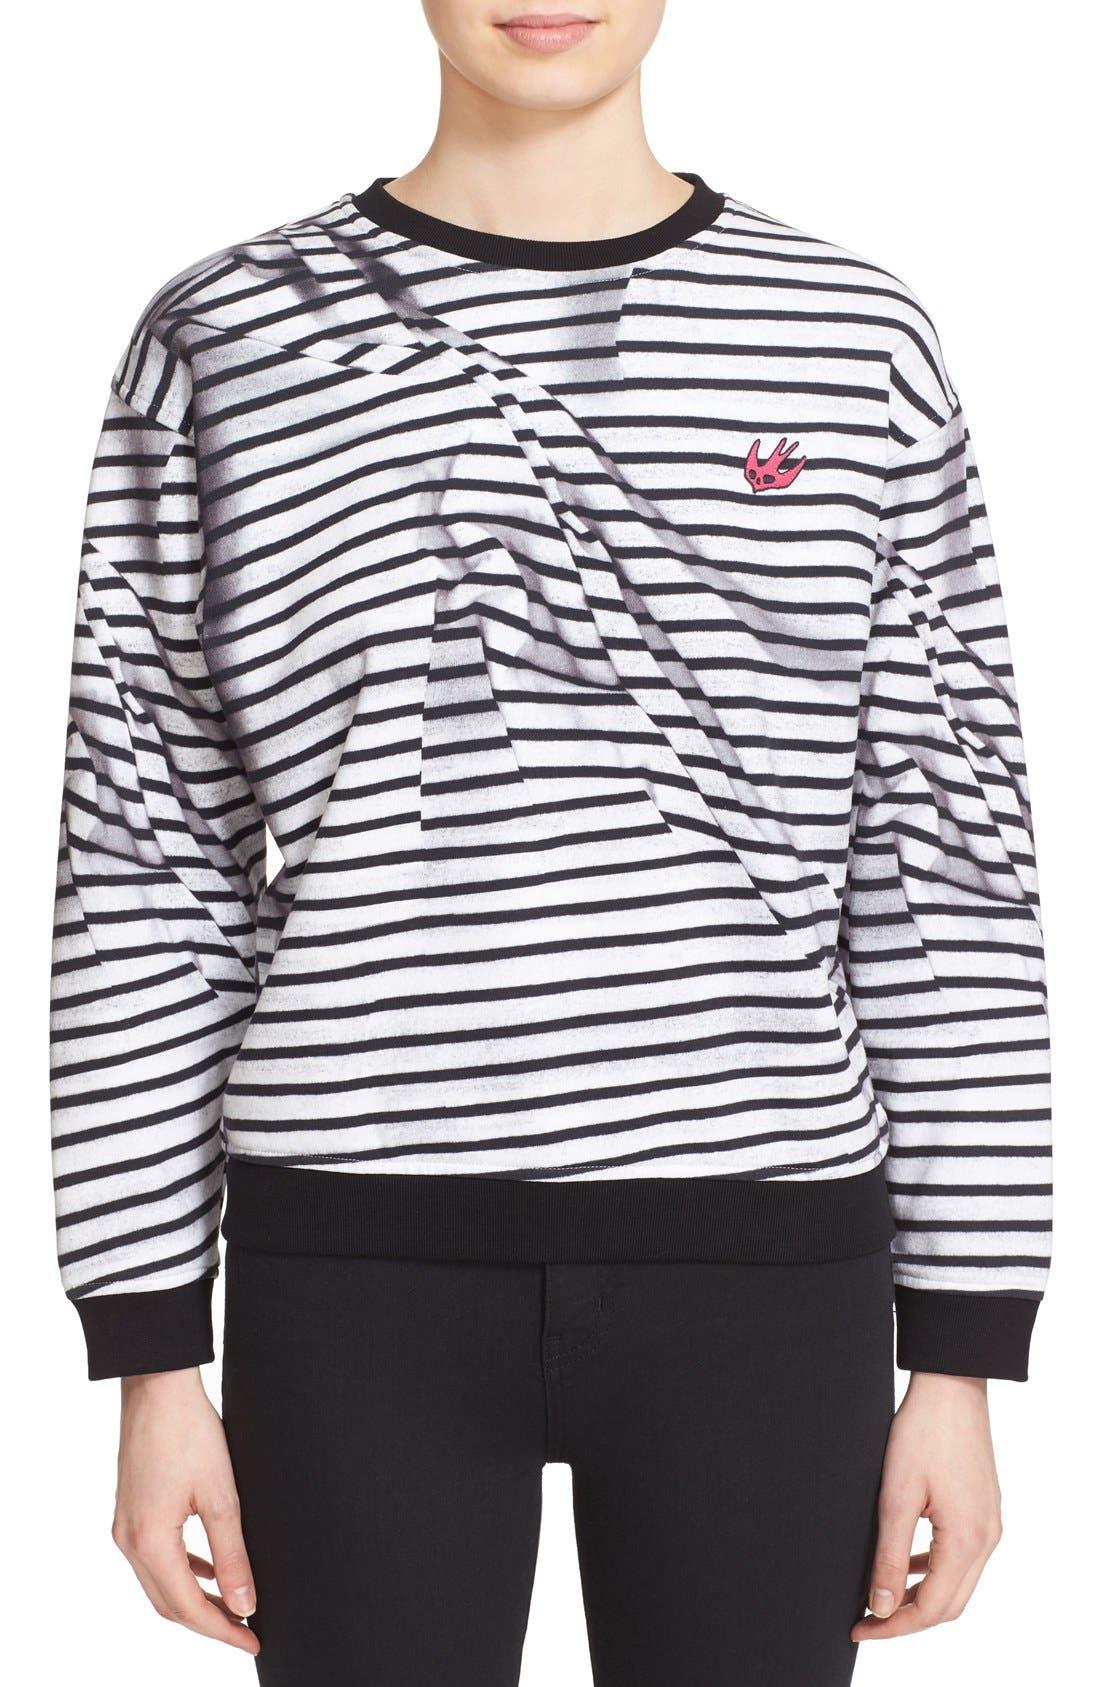 MCQ ALEXANDER MCQUEEN 'Broken Stripes' Sweatshirt